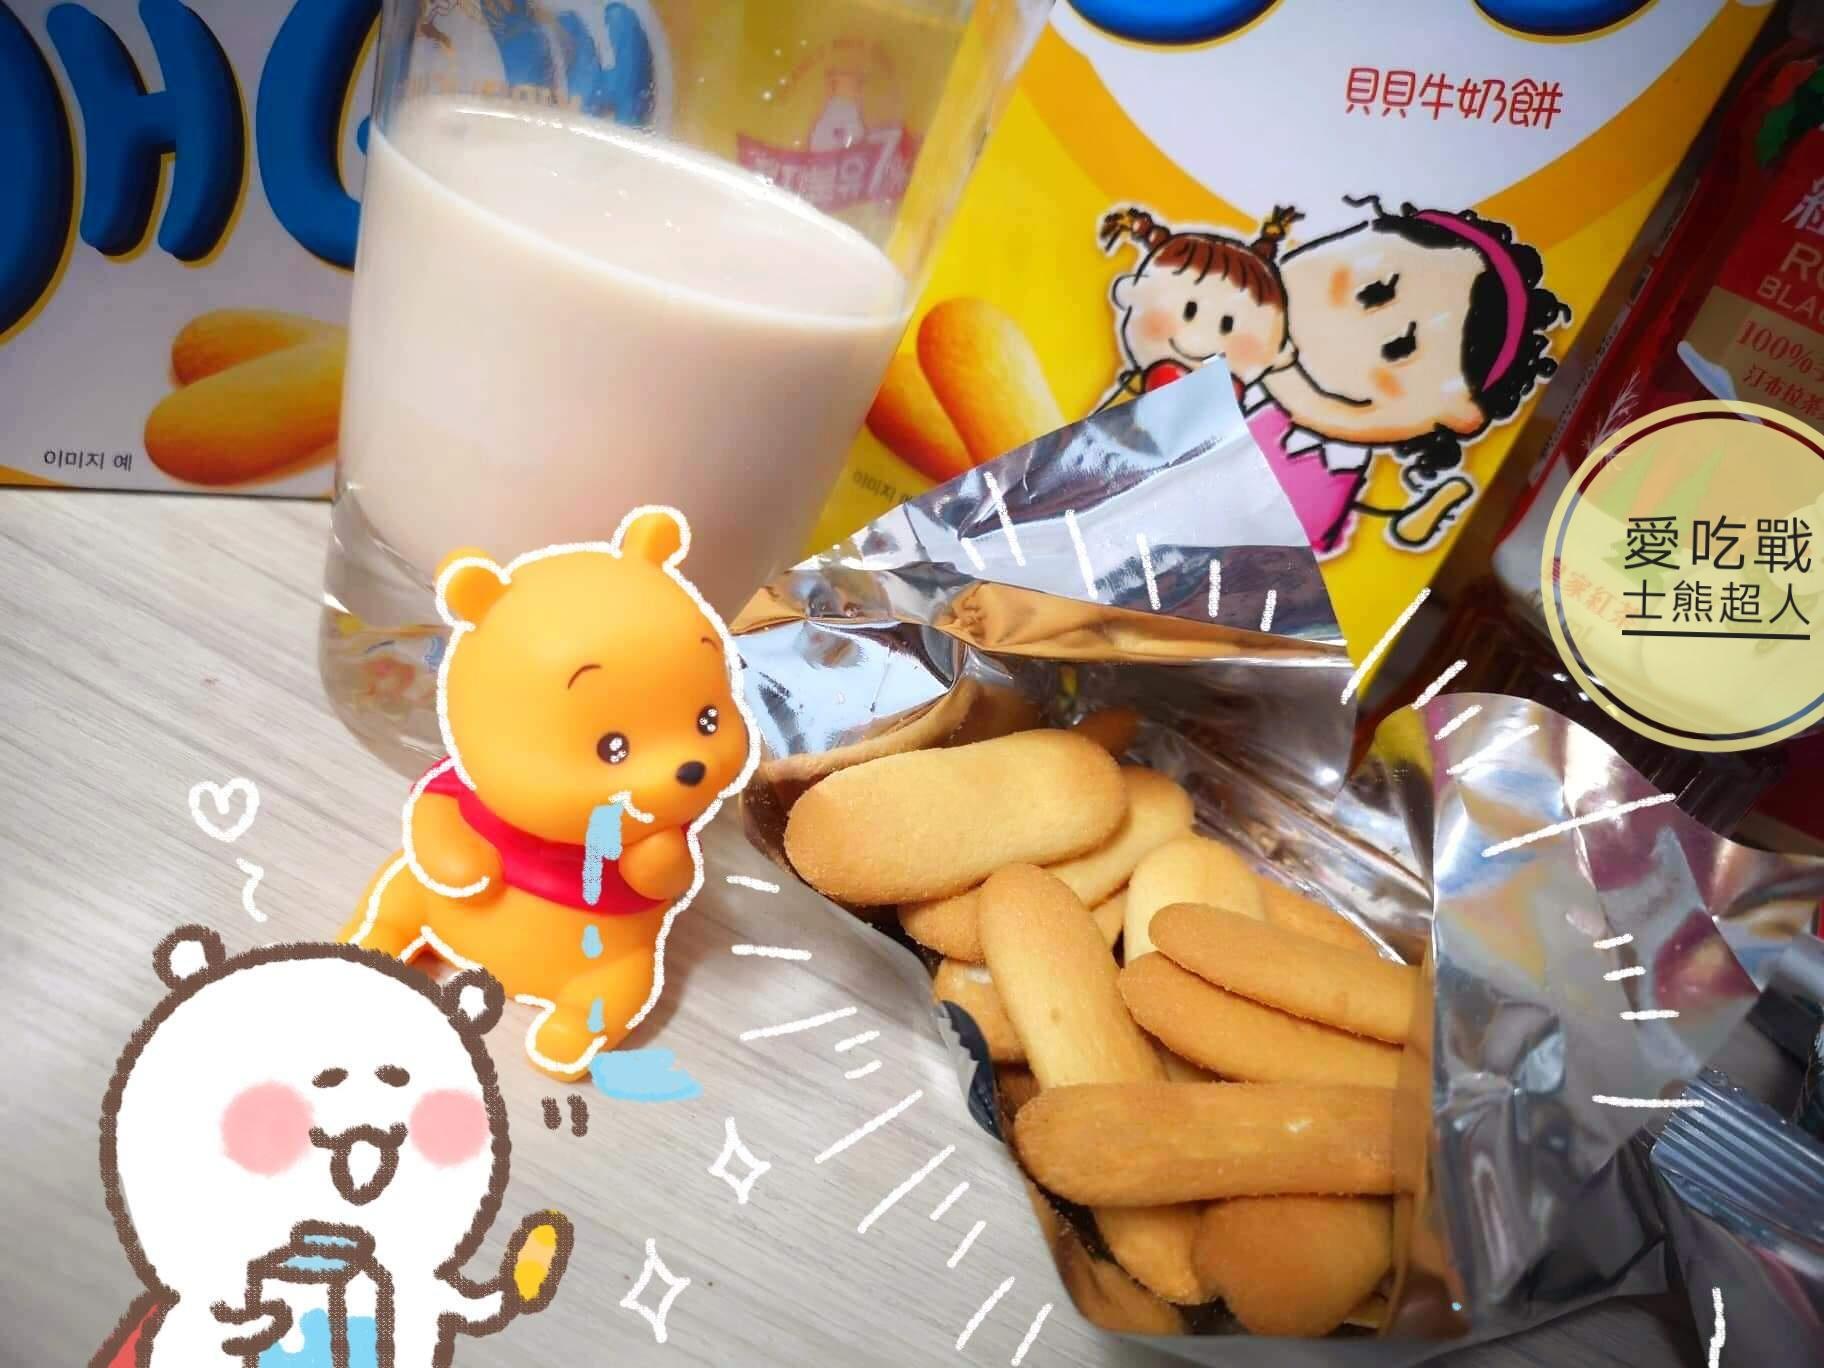 。熊超人愛嚐鮮。好麗友 貝貝牛奶餅:從小小孩到大人都忍不住,一口接一口的奶香好滋味^^